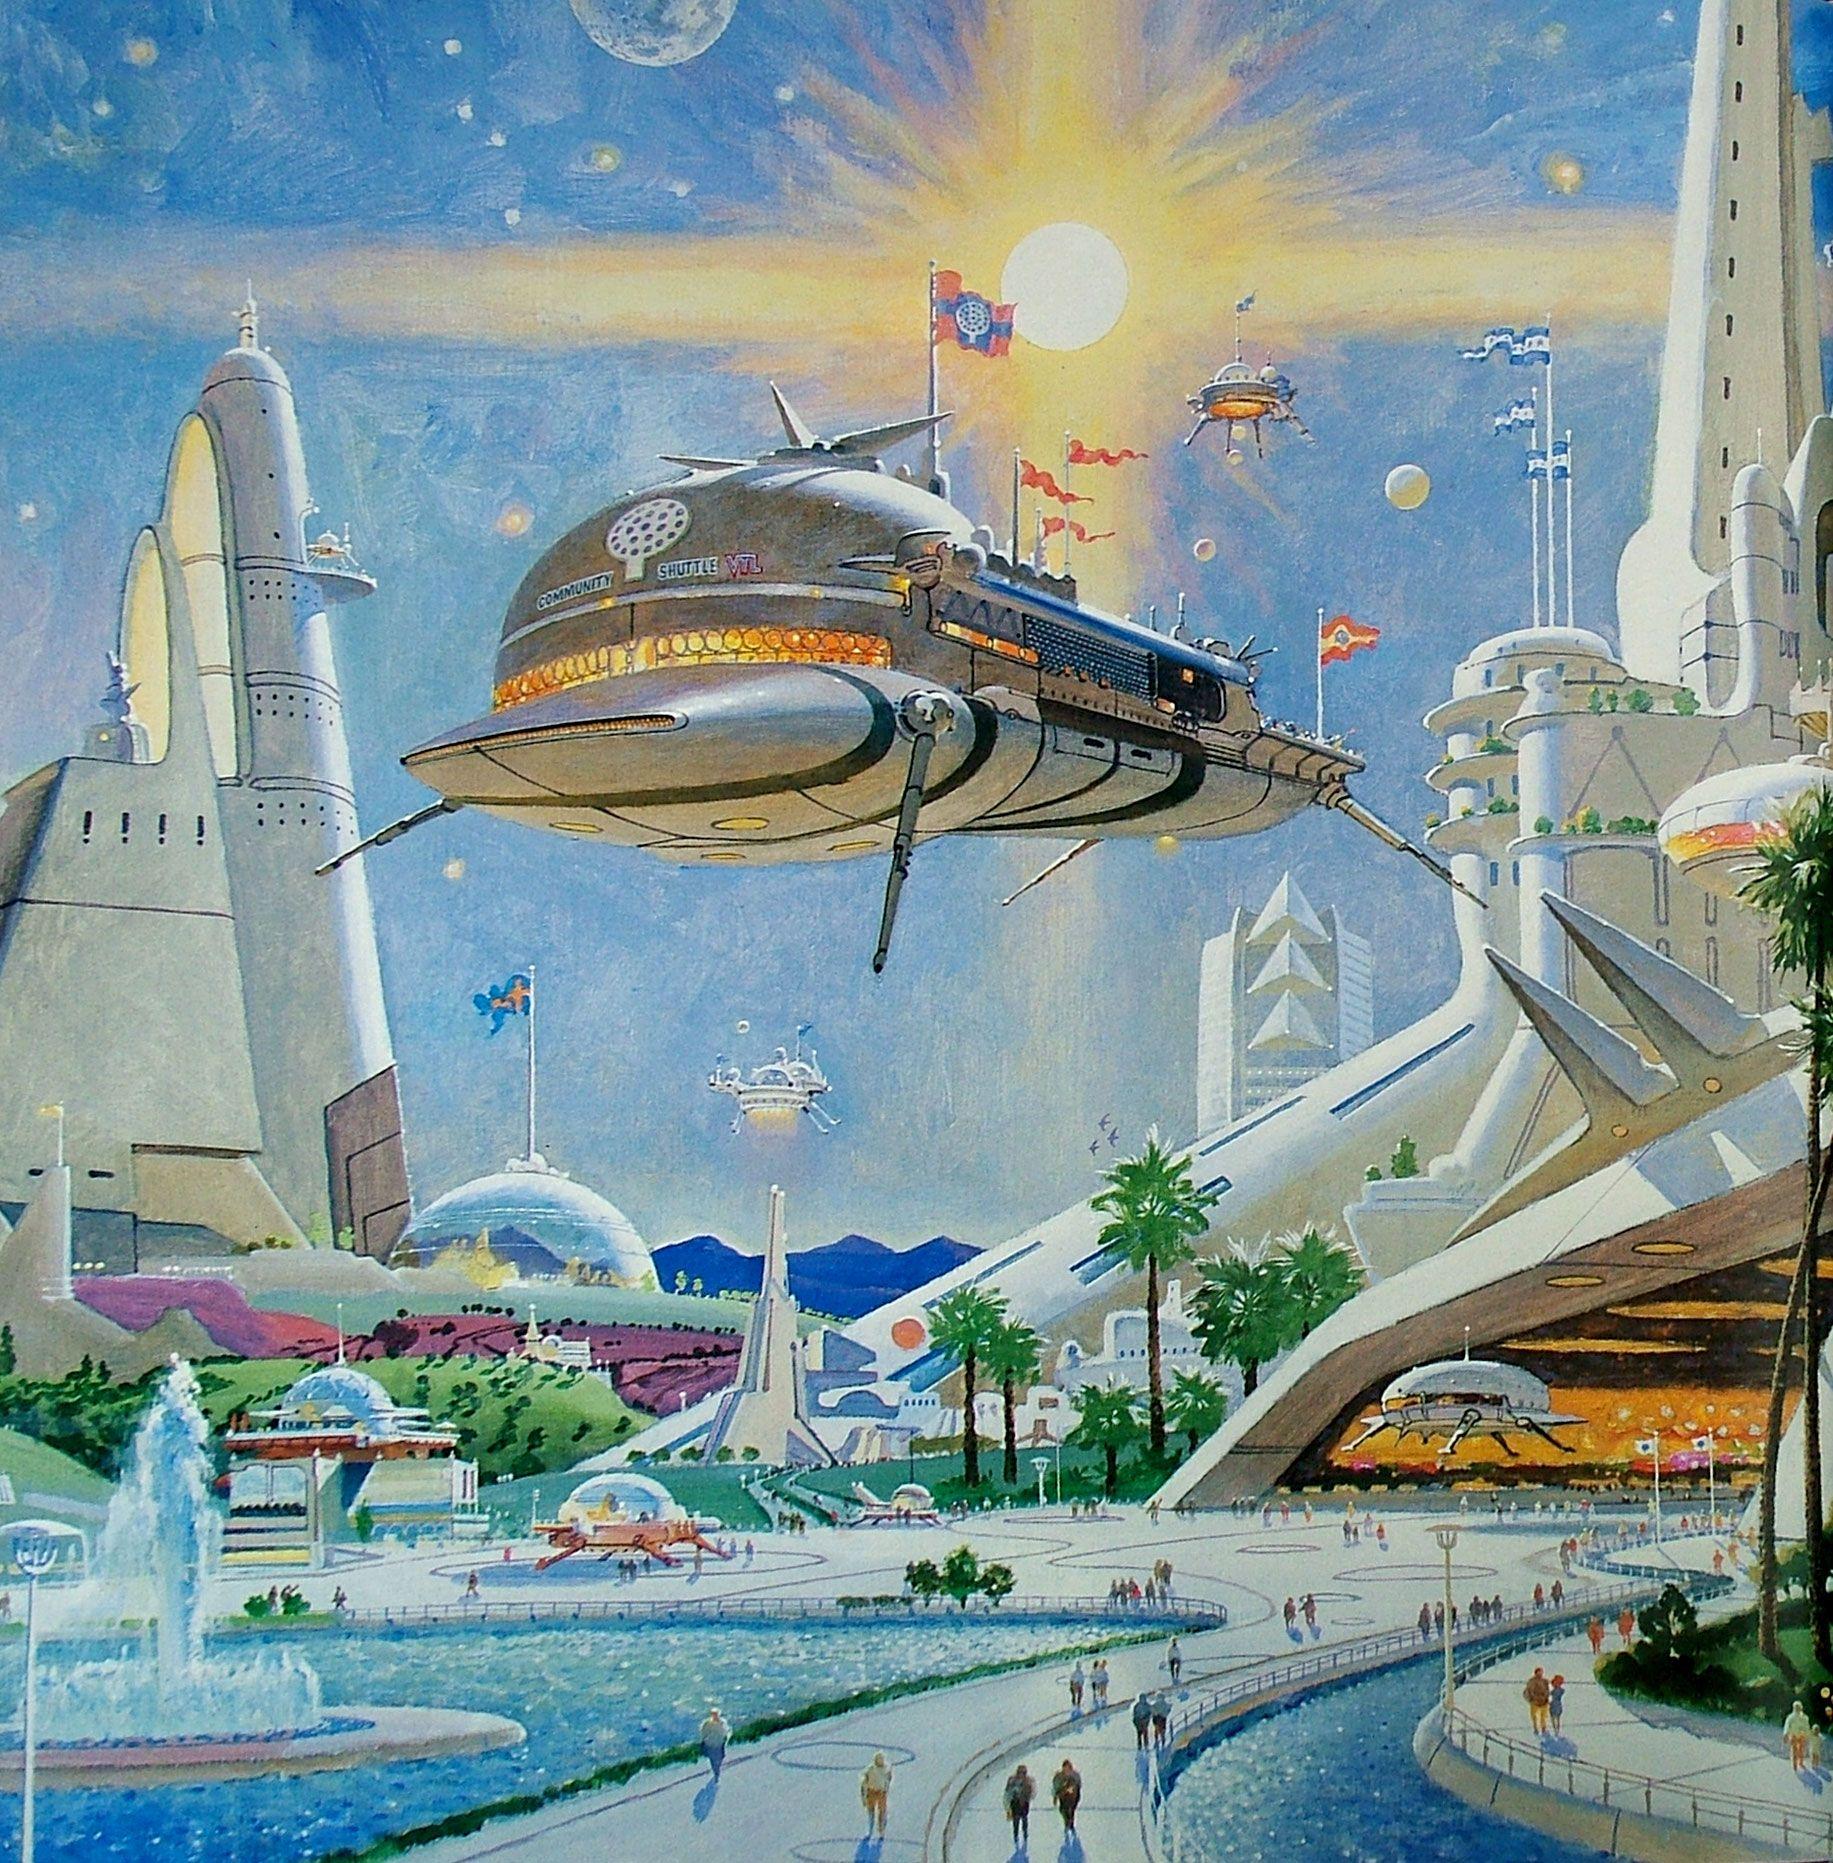 Картинки высокого разрешения будущее новый